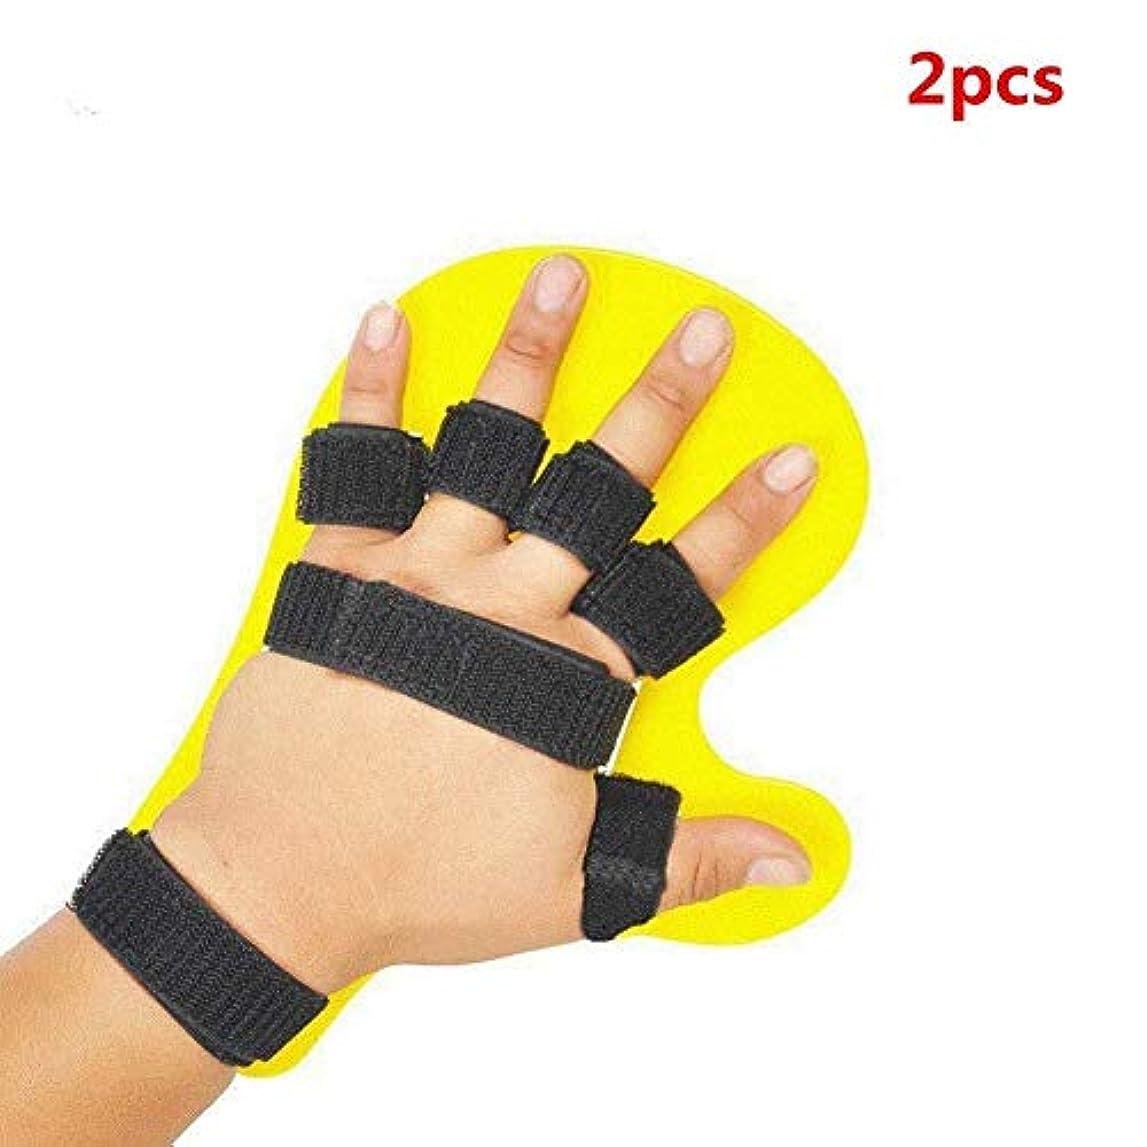 世界に死んだ記述する主観的指のトレーニングデバイス、ABS調整可能な大人の指装具の指/脳卒中/片麻痺/外傷性脳損傷理学療法2ポイント(左右ユニバーサル)